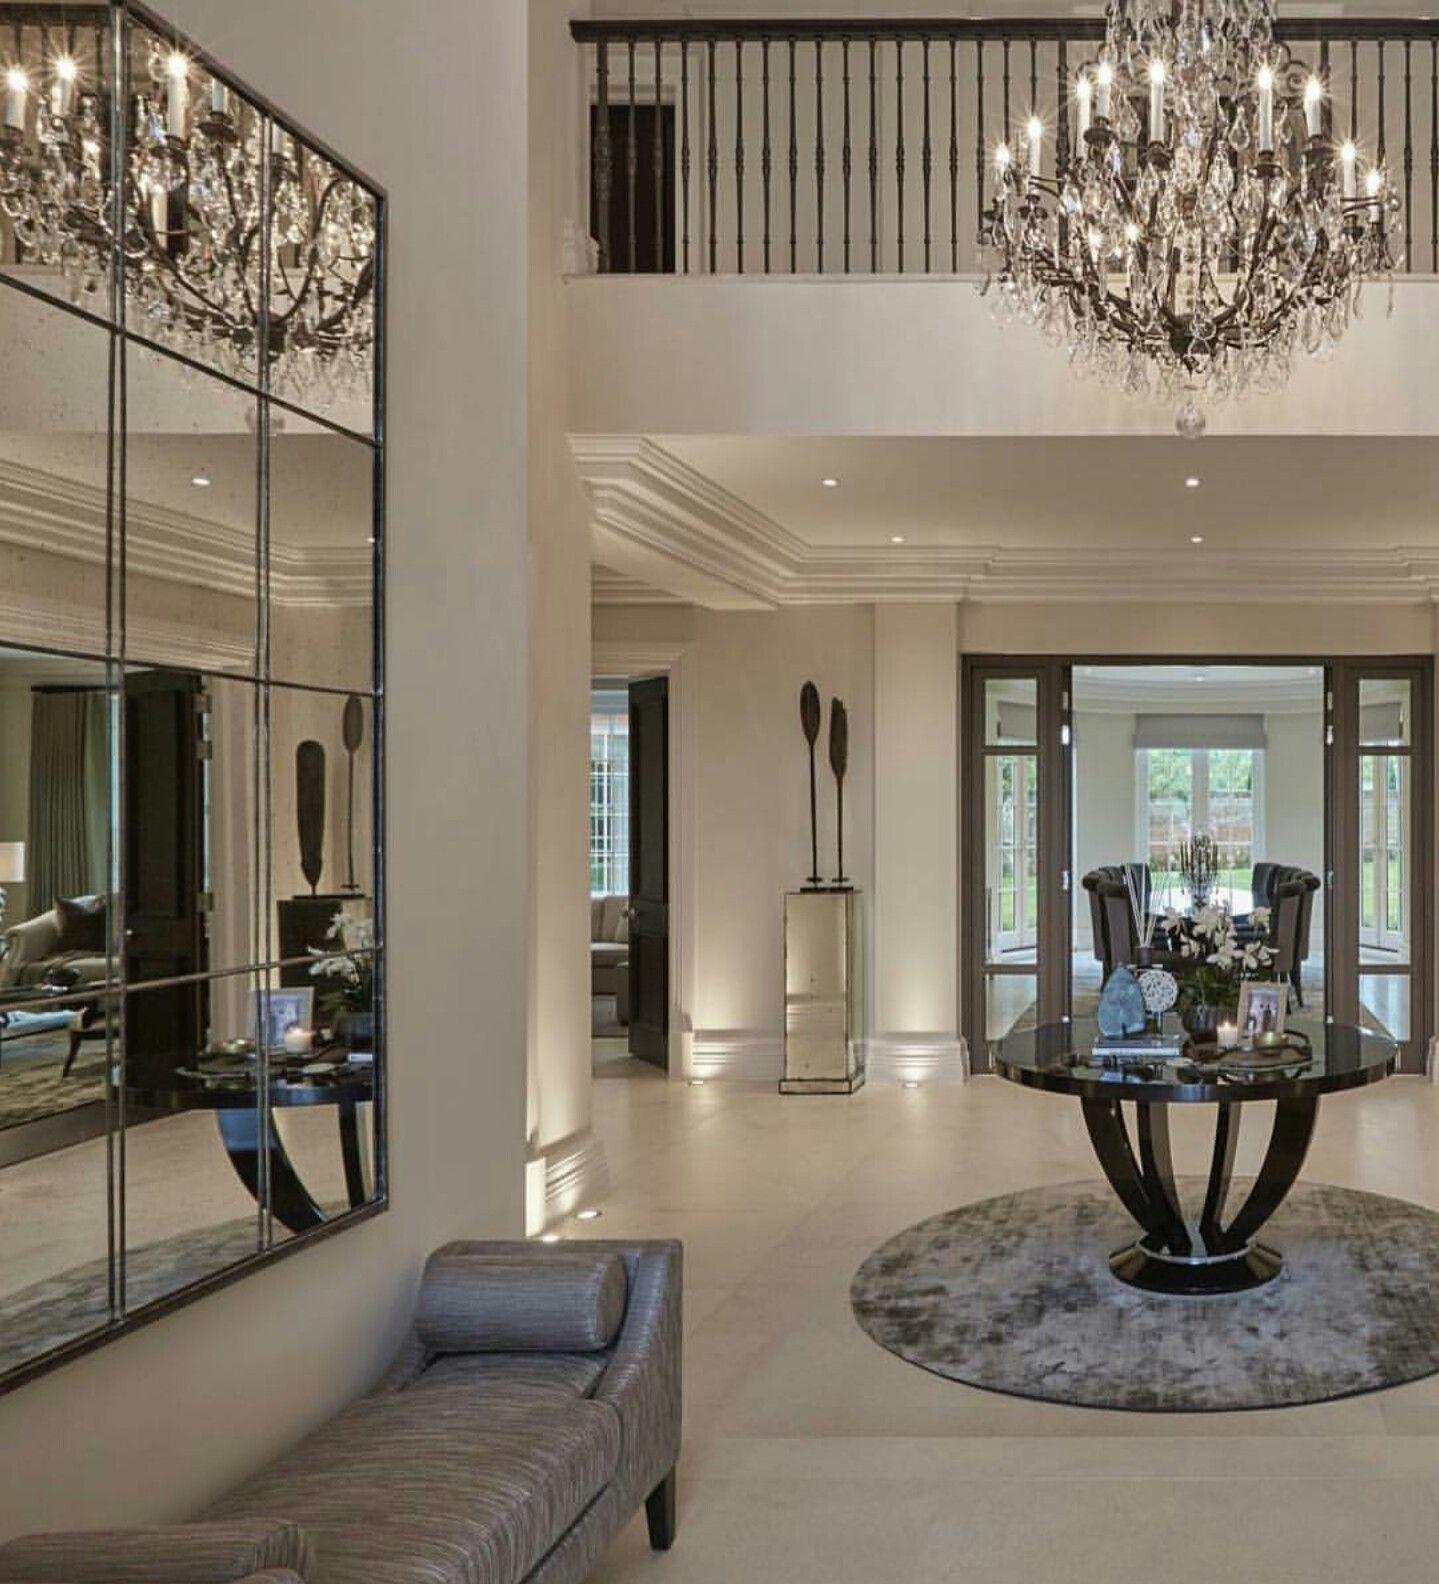 Luxury Mansion Interior Qatar On Behance: Modern Luxury Home Interiors